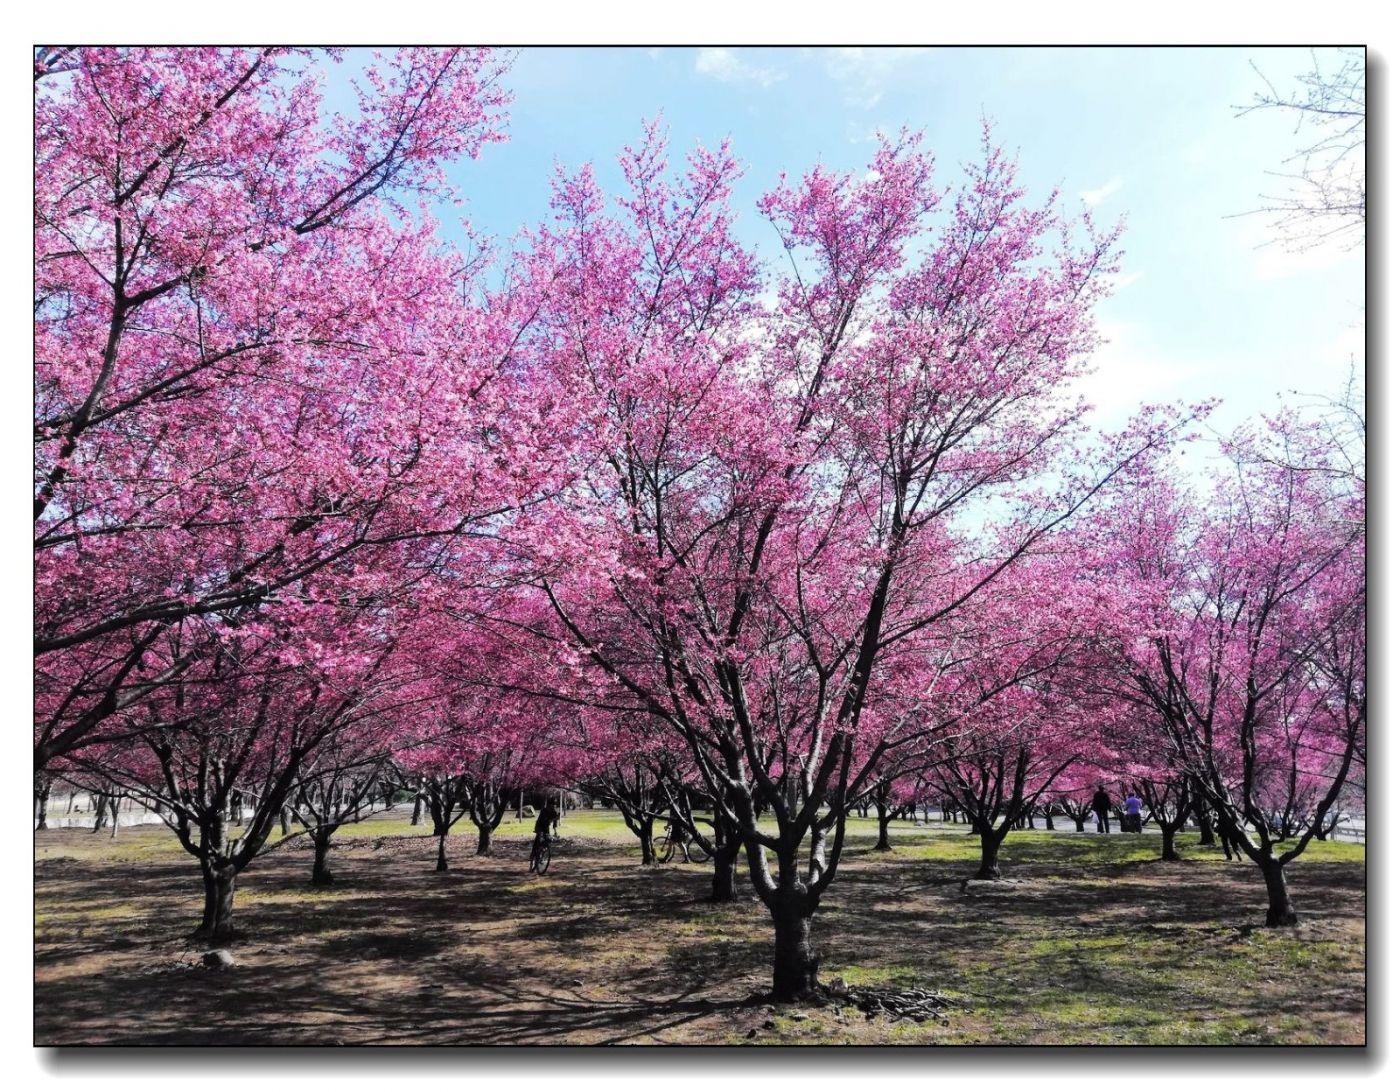 纽约早樱花已开满枝头_图1-9